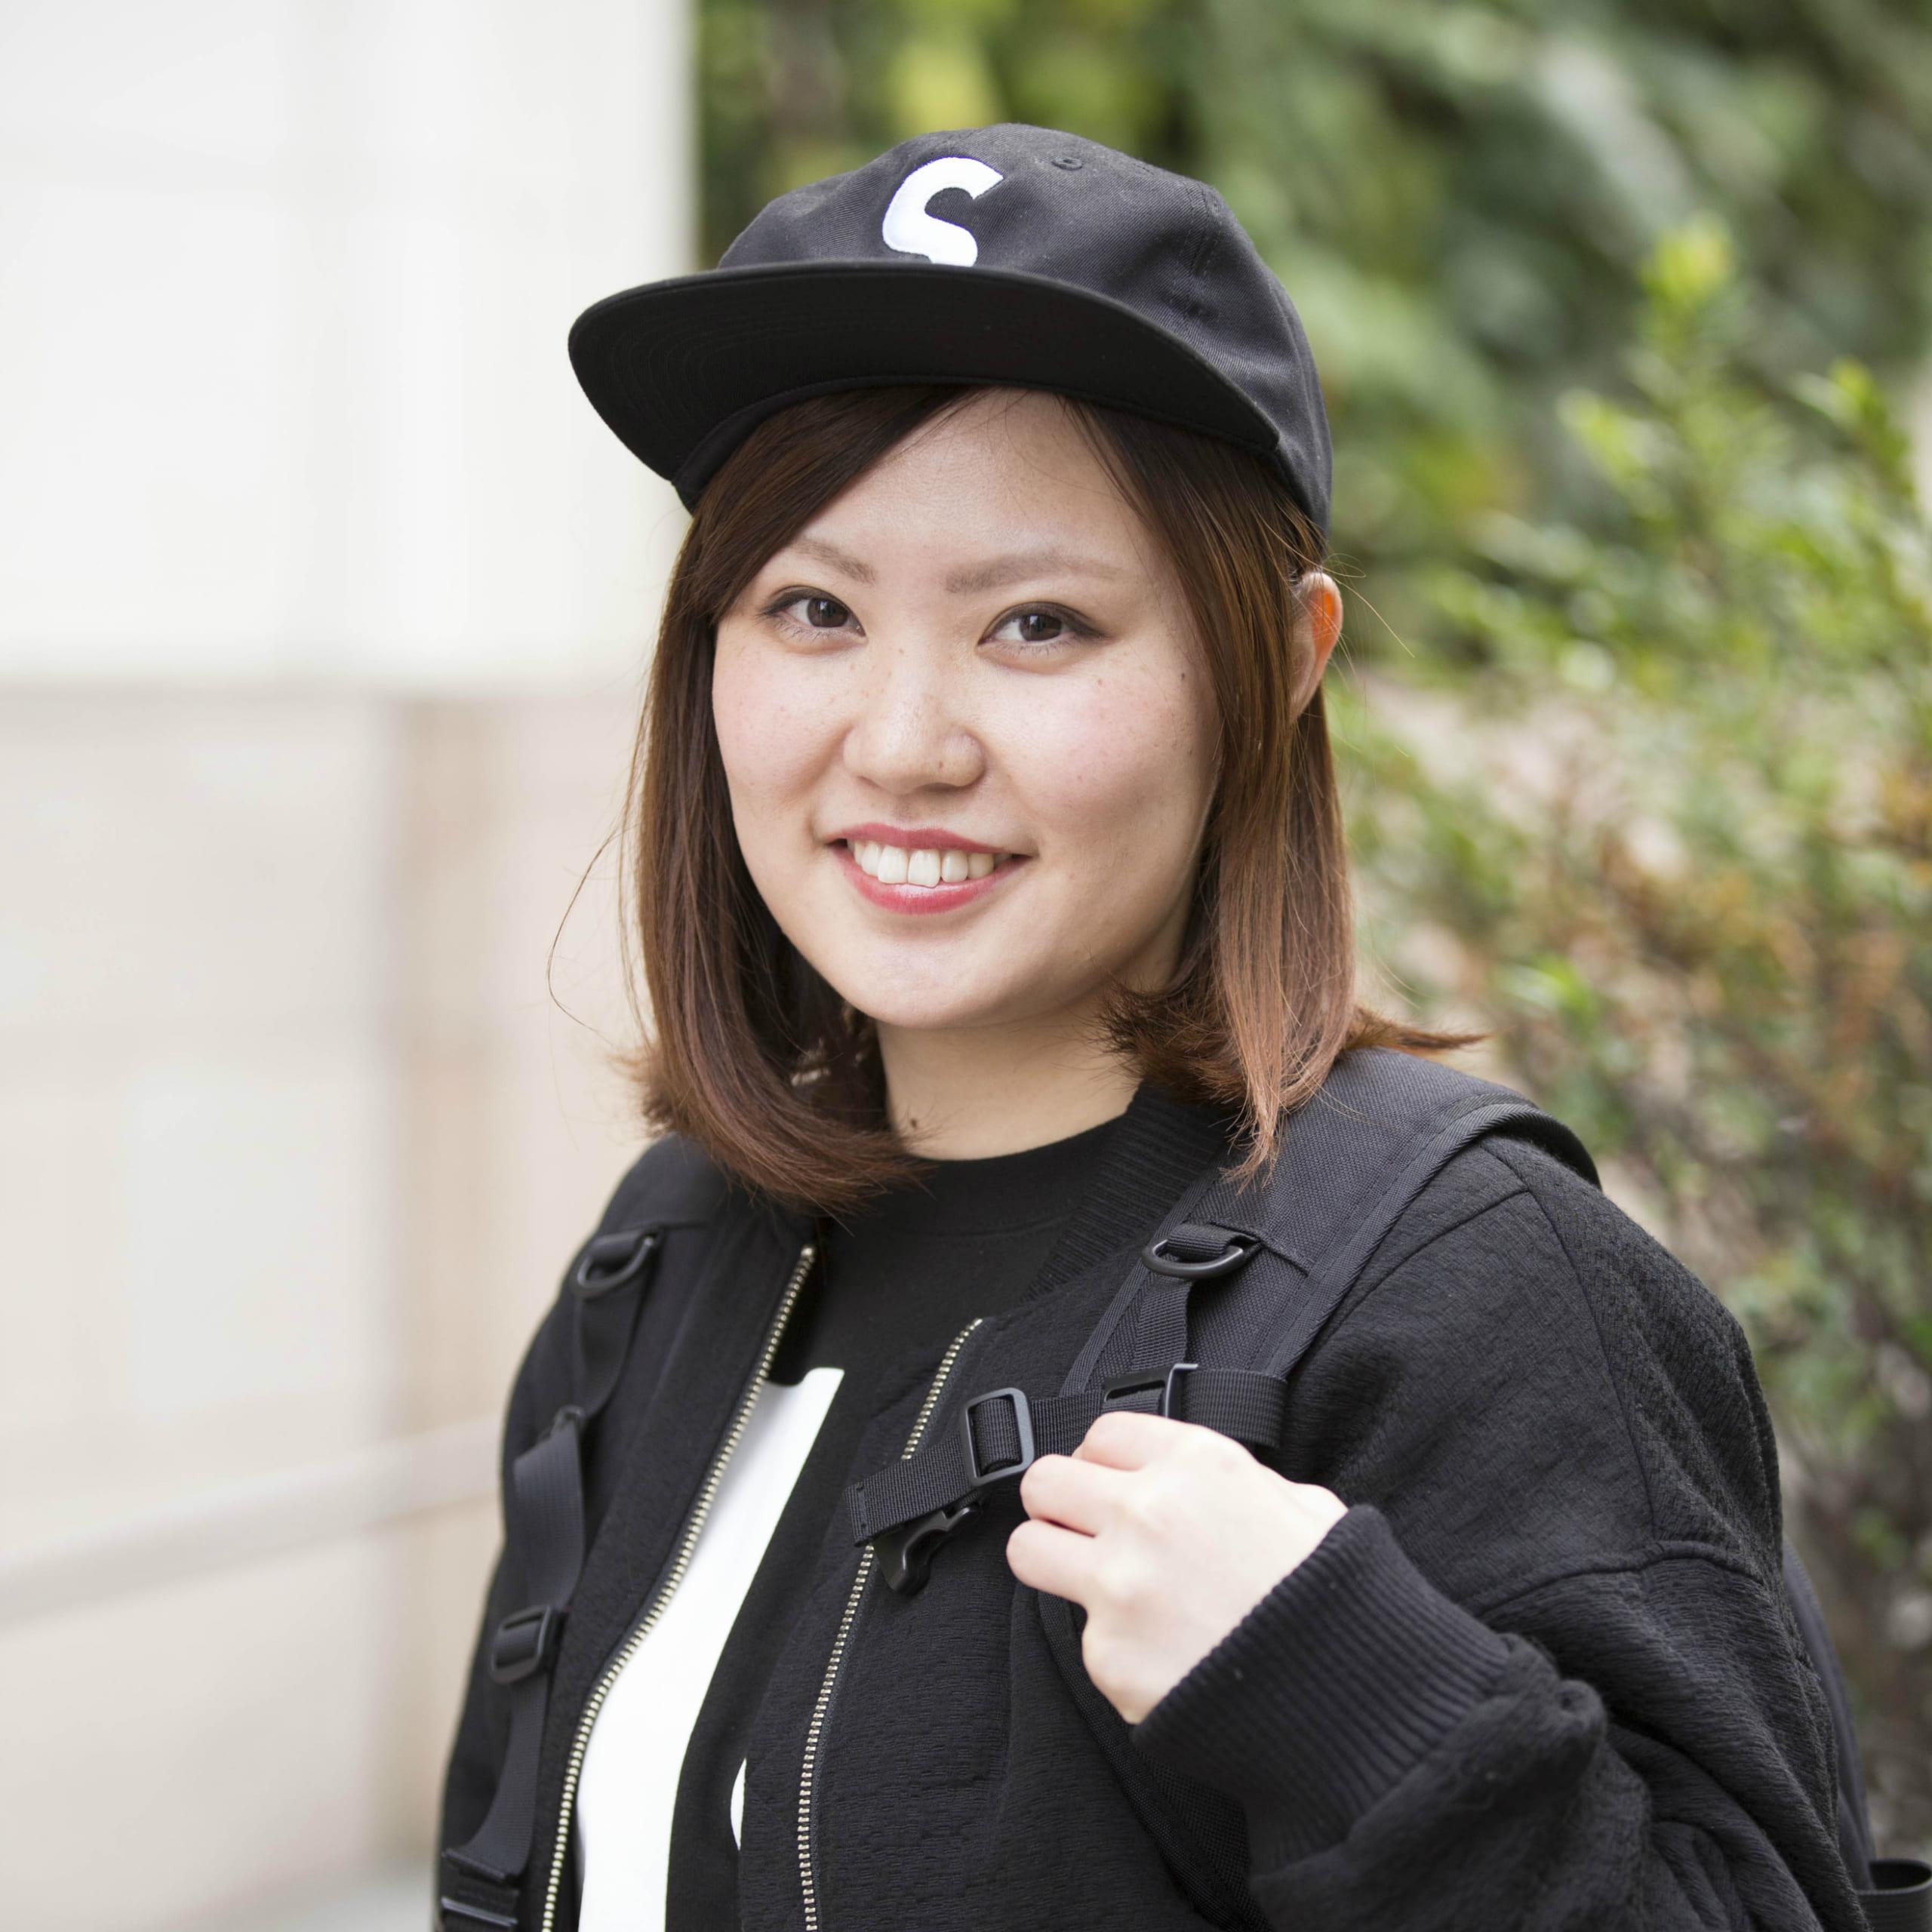 【女子SNAP】SJ美女図鑑<br />ボーイッシュなコーデが親しみやすい<br />梅津香苗さん・看護士